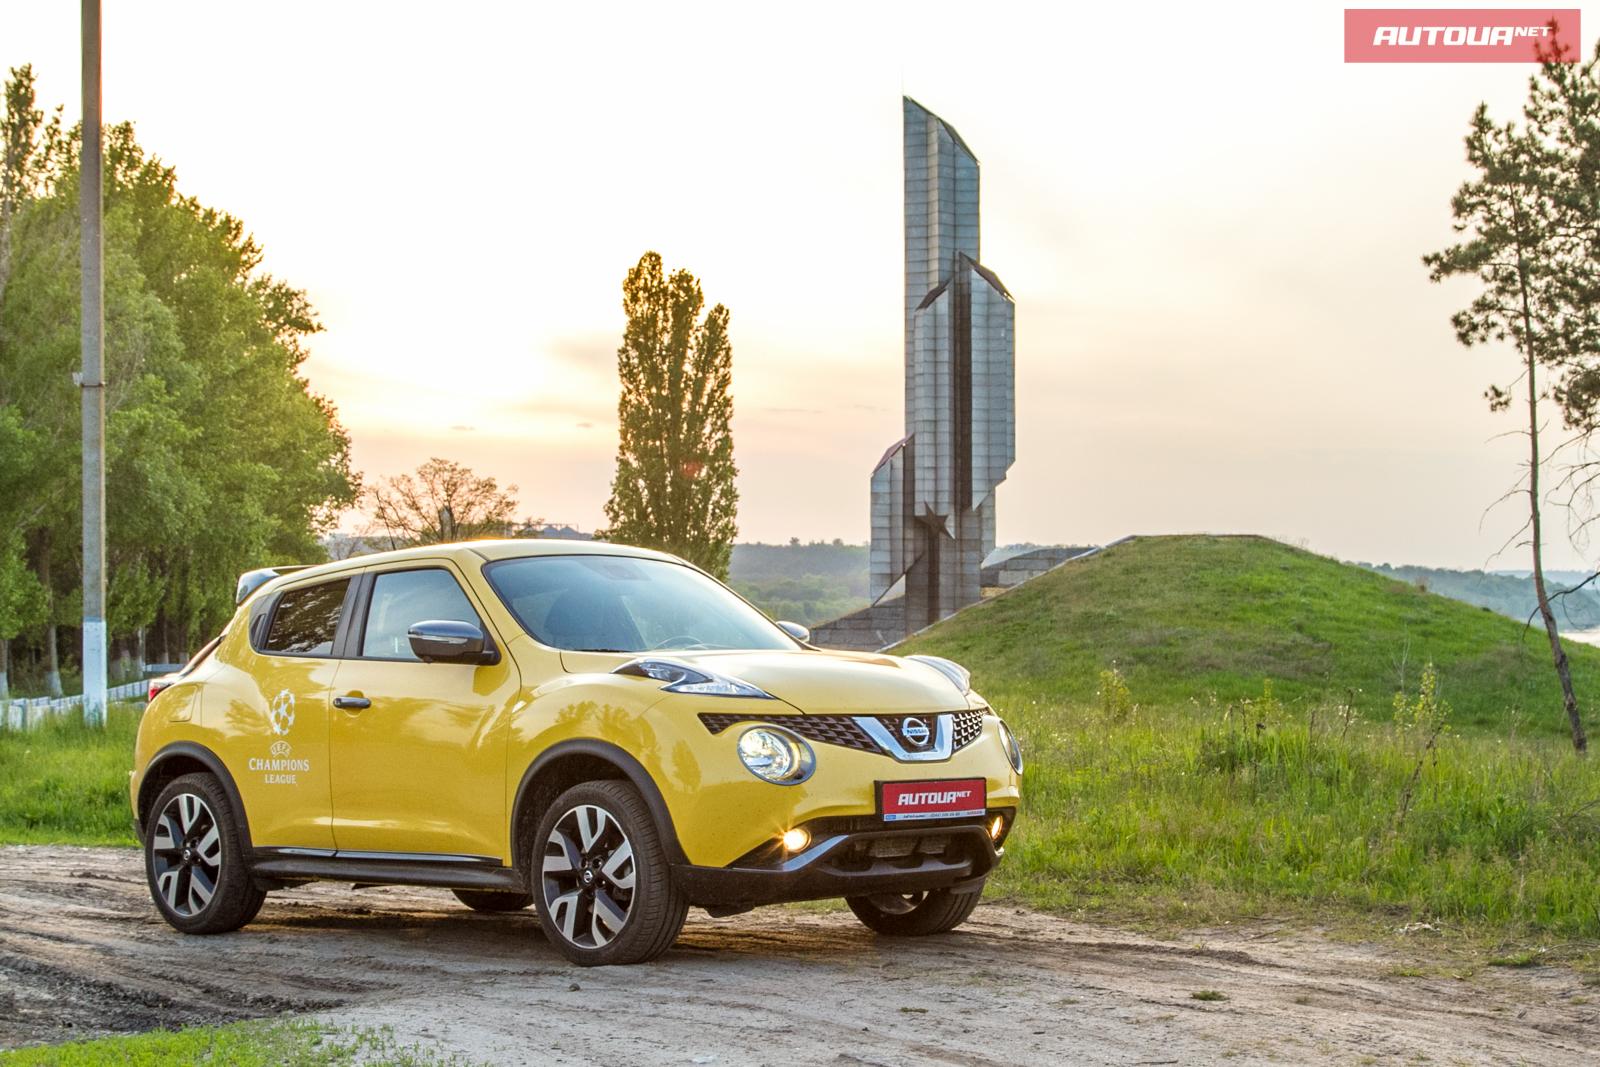 Тест-драйв Nissan Juke 1.6 DIG-T: Днепр, мина и опрос.